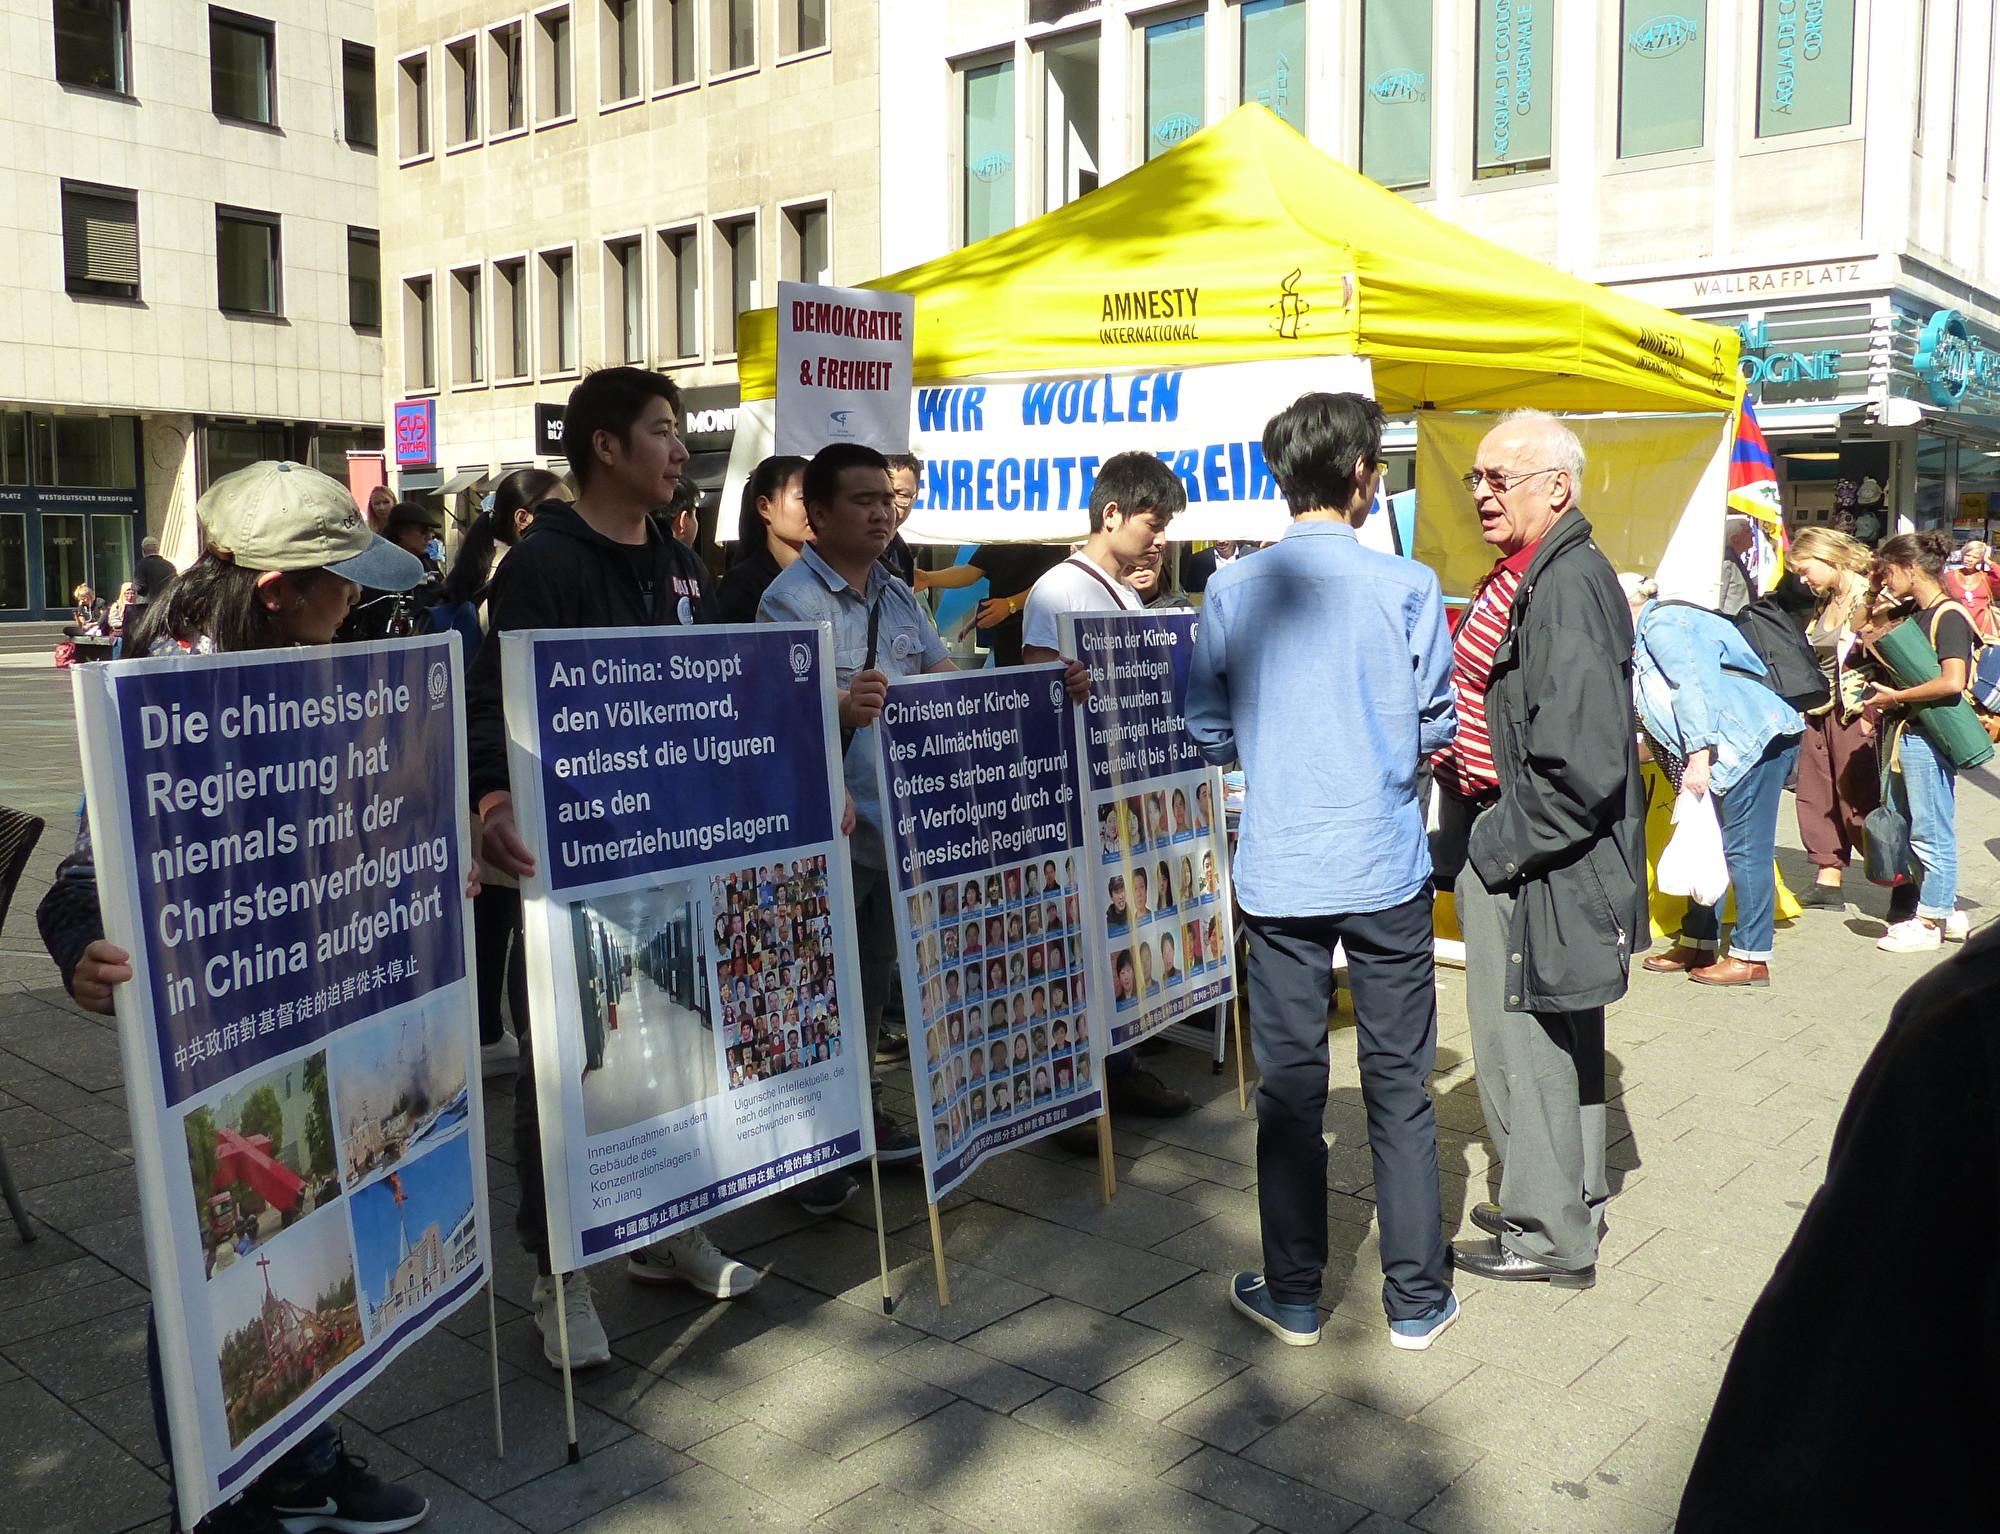 2019年9月14日,多團體齊聚德國科隆譴責中共,聲援香港民眾五大訴求。圖為在中國受迫害的基督徒呼籲停止對基督徒的迫害。(莫凌/大紀元)